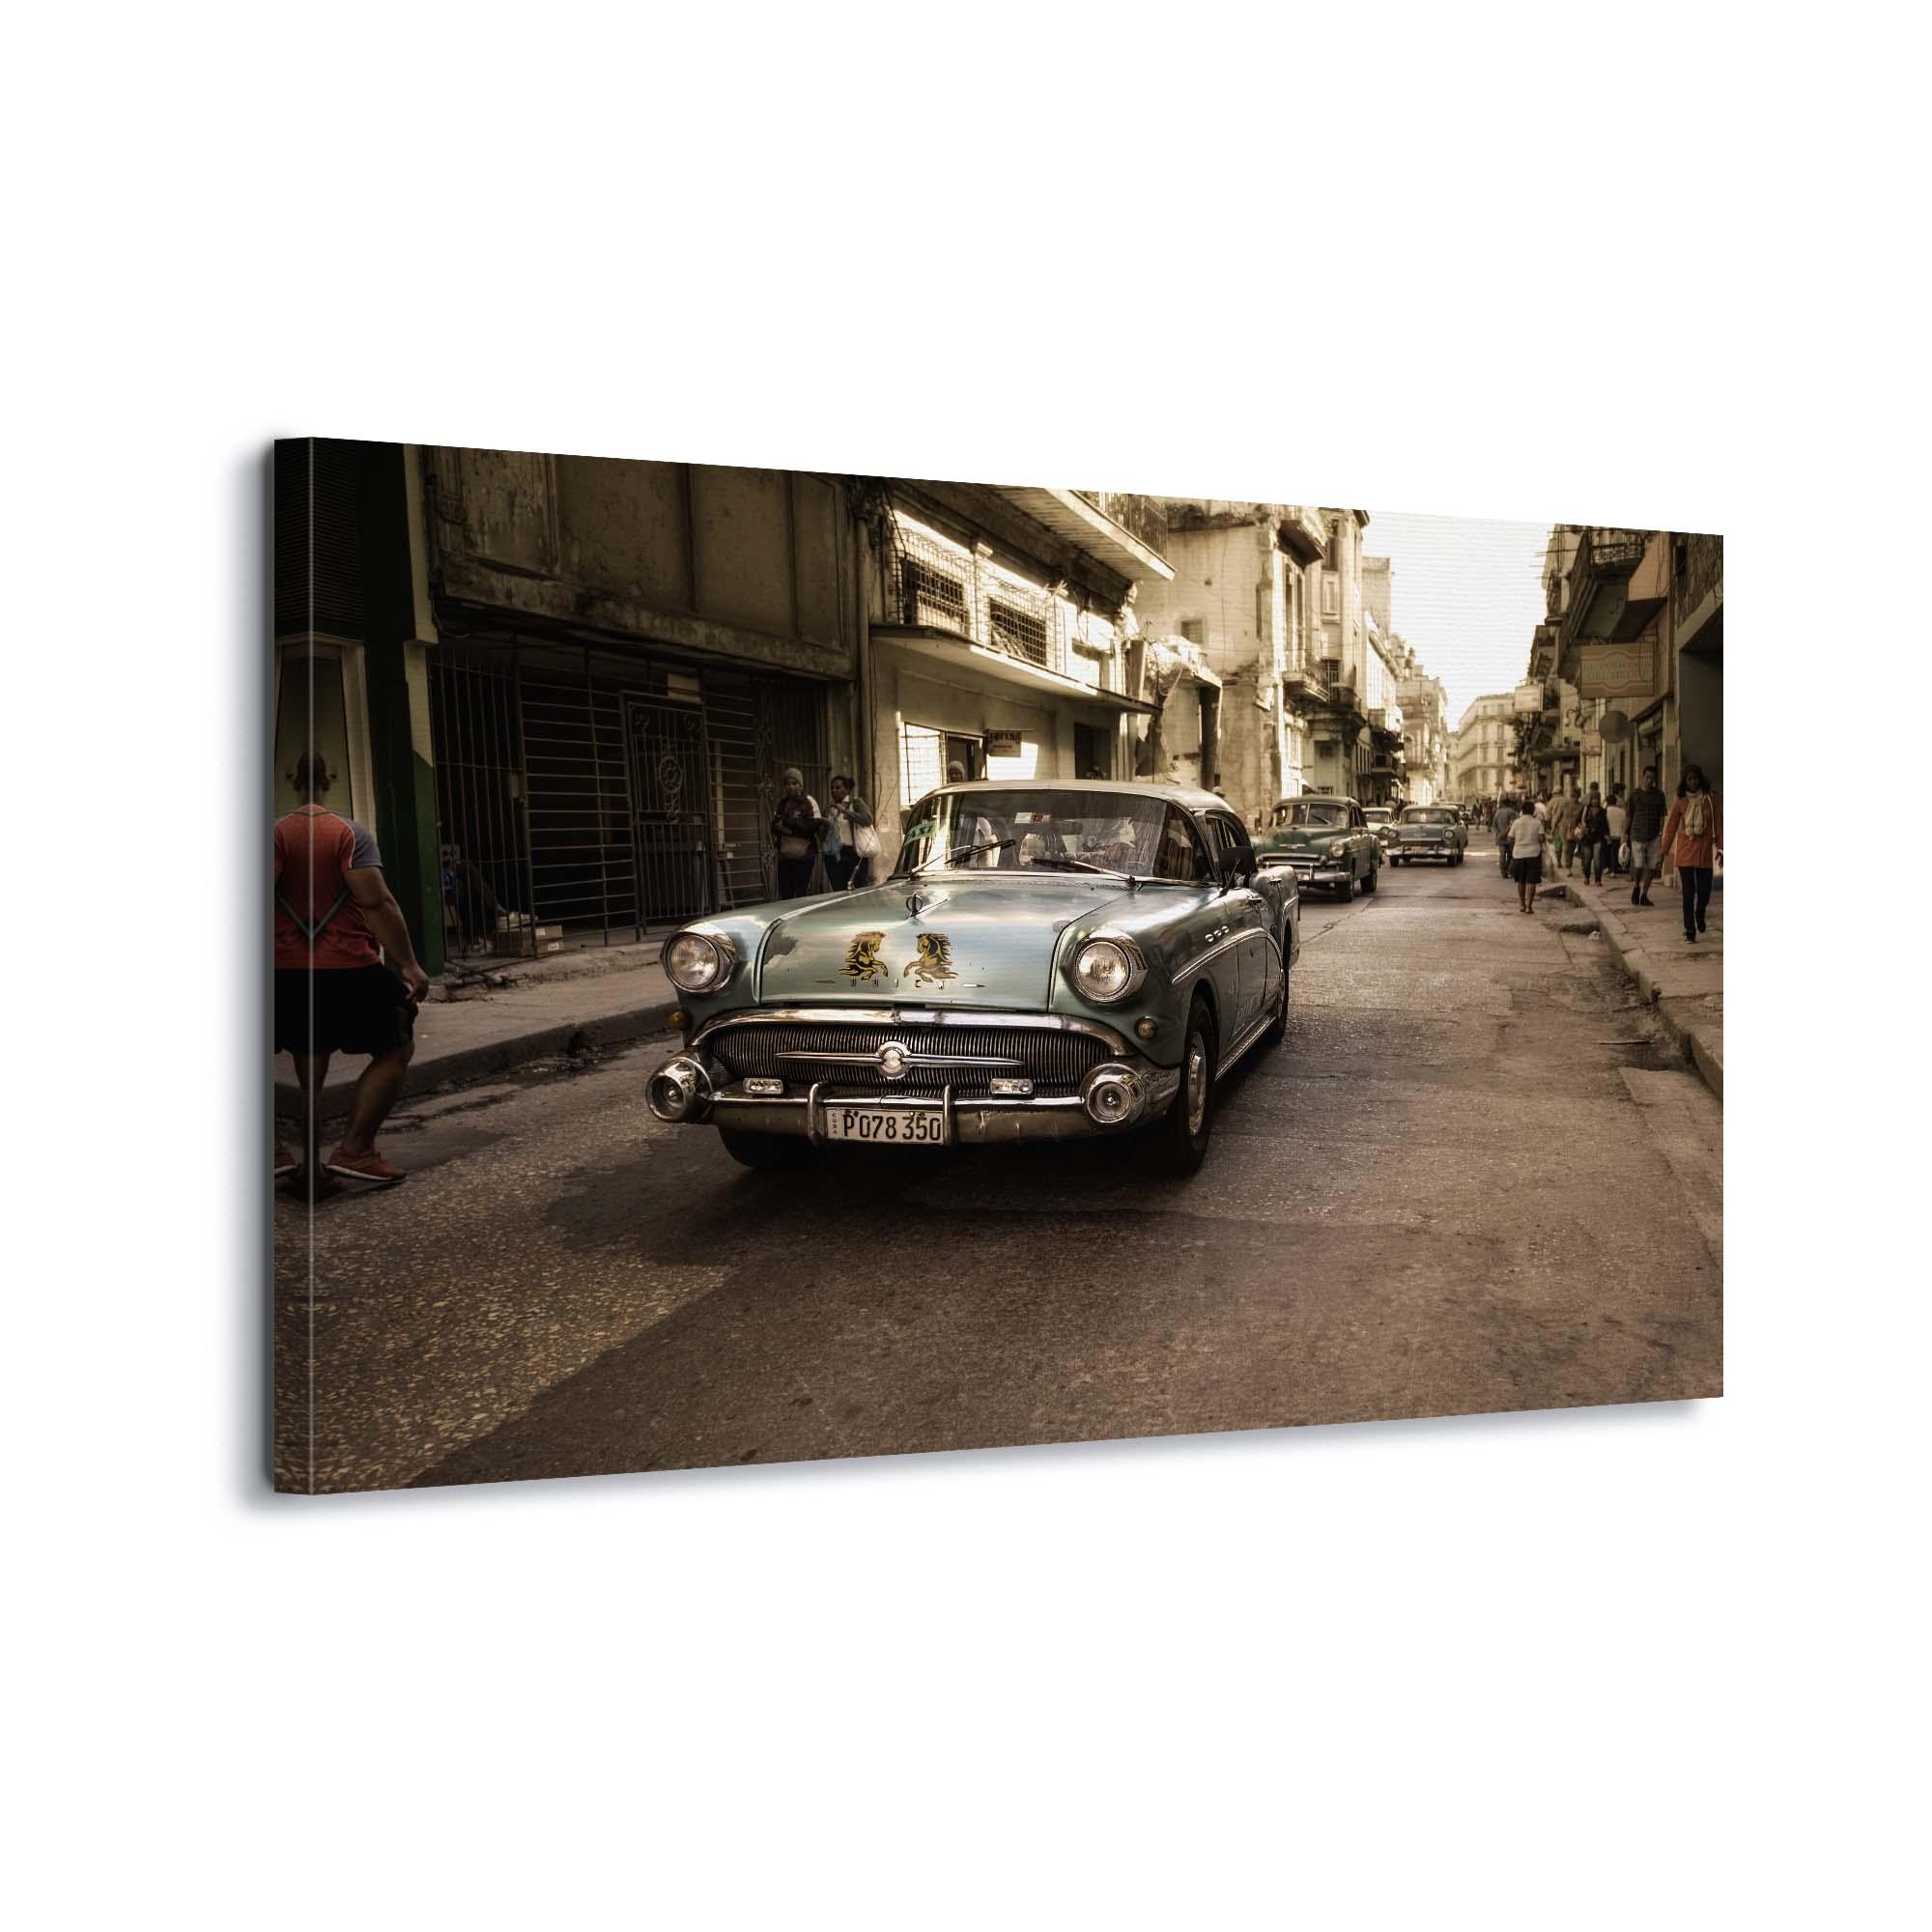 Old Havana Street by Alper Uke